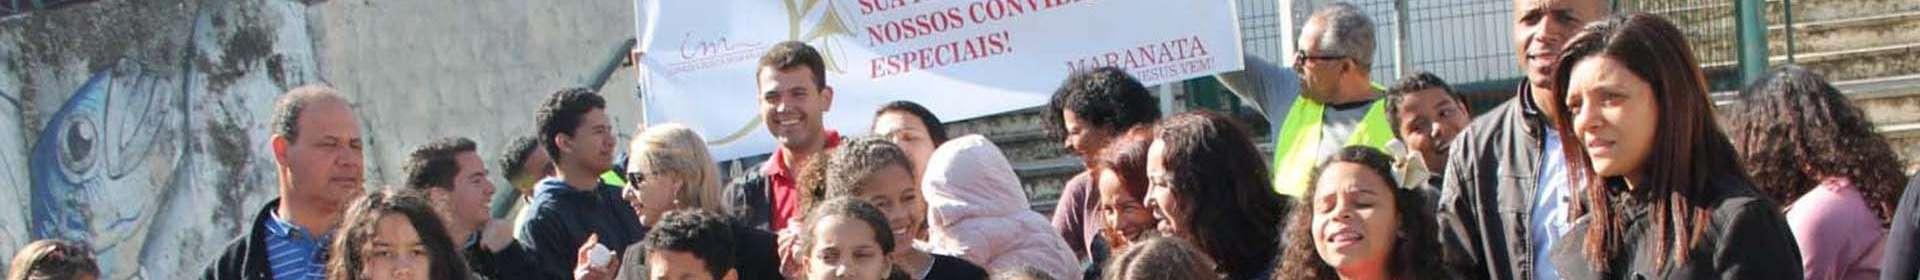 Igreja Cristã Maranata de Cruz de Pau, em Portugal, realiza evangelização